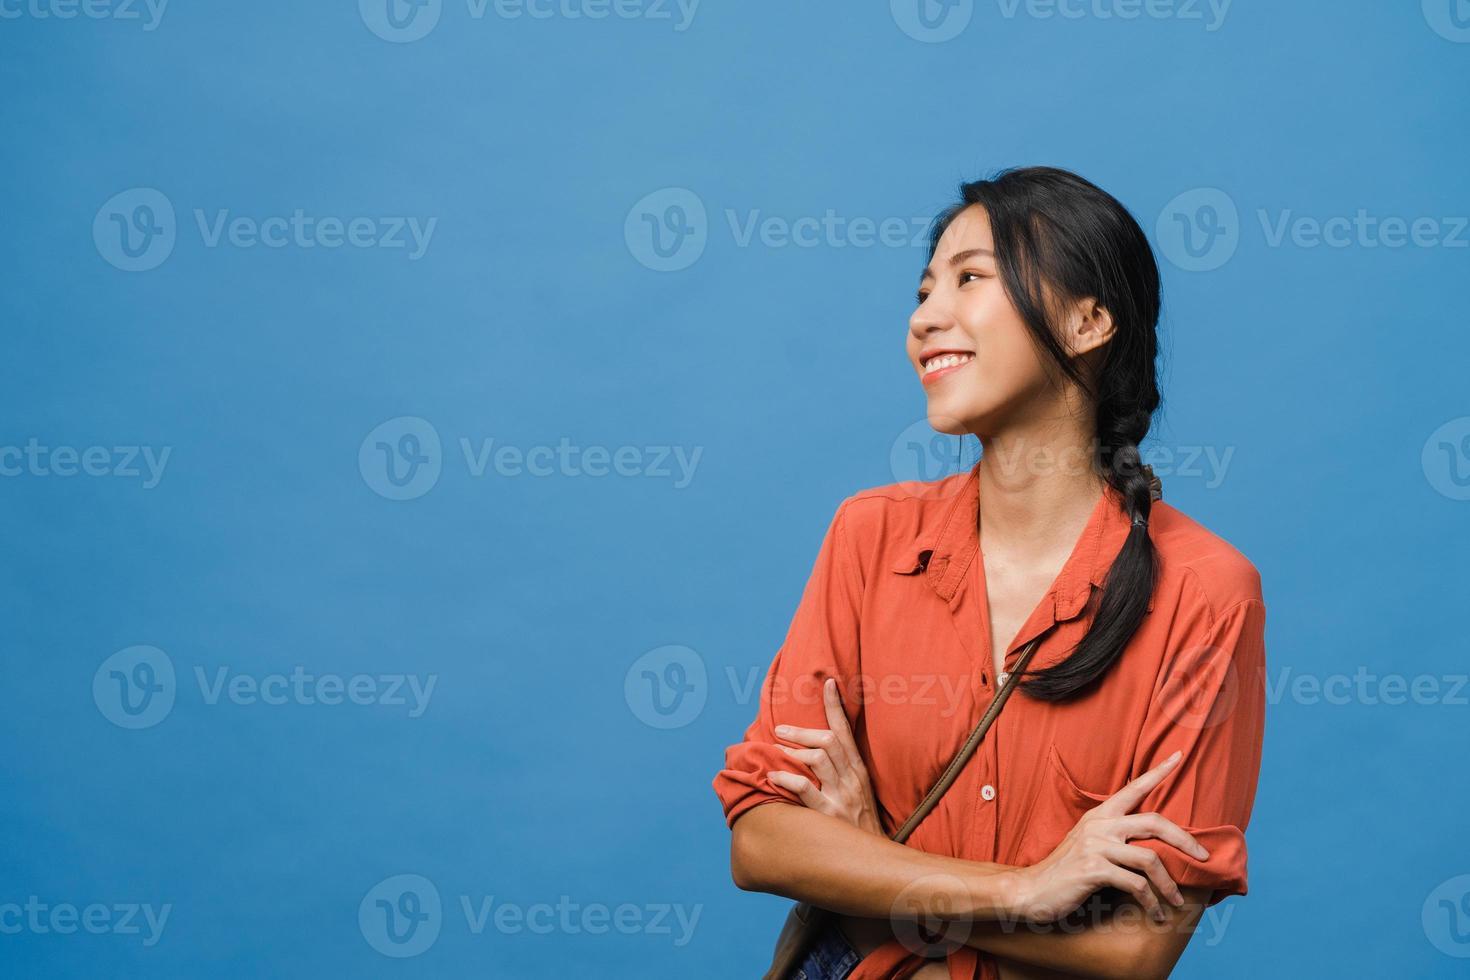 portret van jonge Aziatische dame met positieve uitdrukking, armen gekruist, brede glimlach, gekleed in casual doek over blauwe achtergrond. gelukkige schattige blije vrouw verheugt zich over succes. gezichtsuitdrukking concept. foto